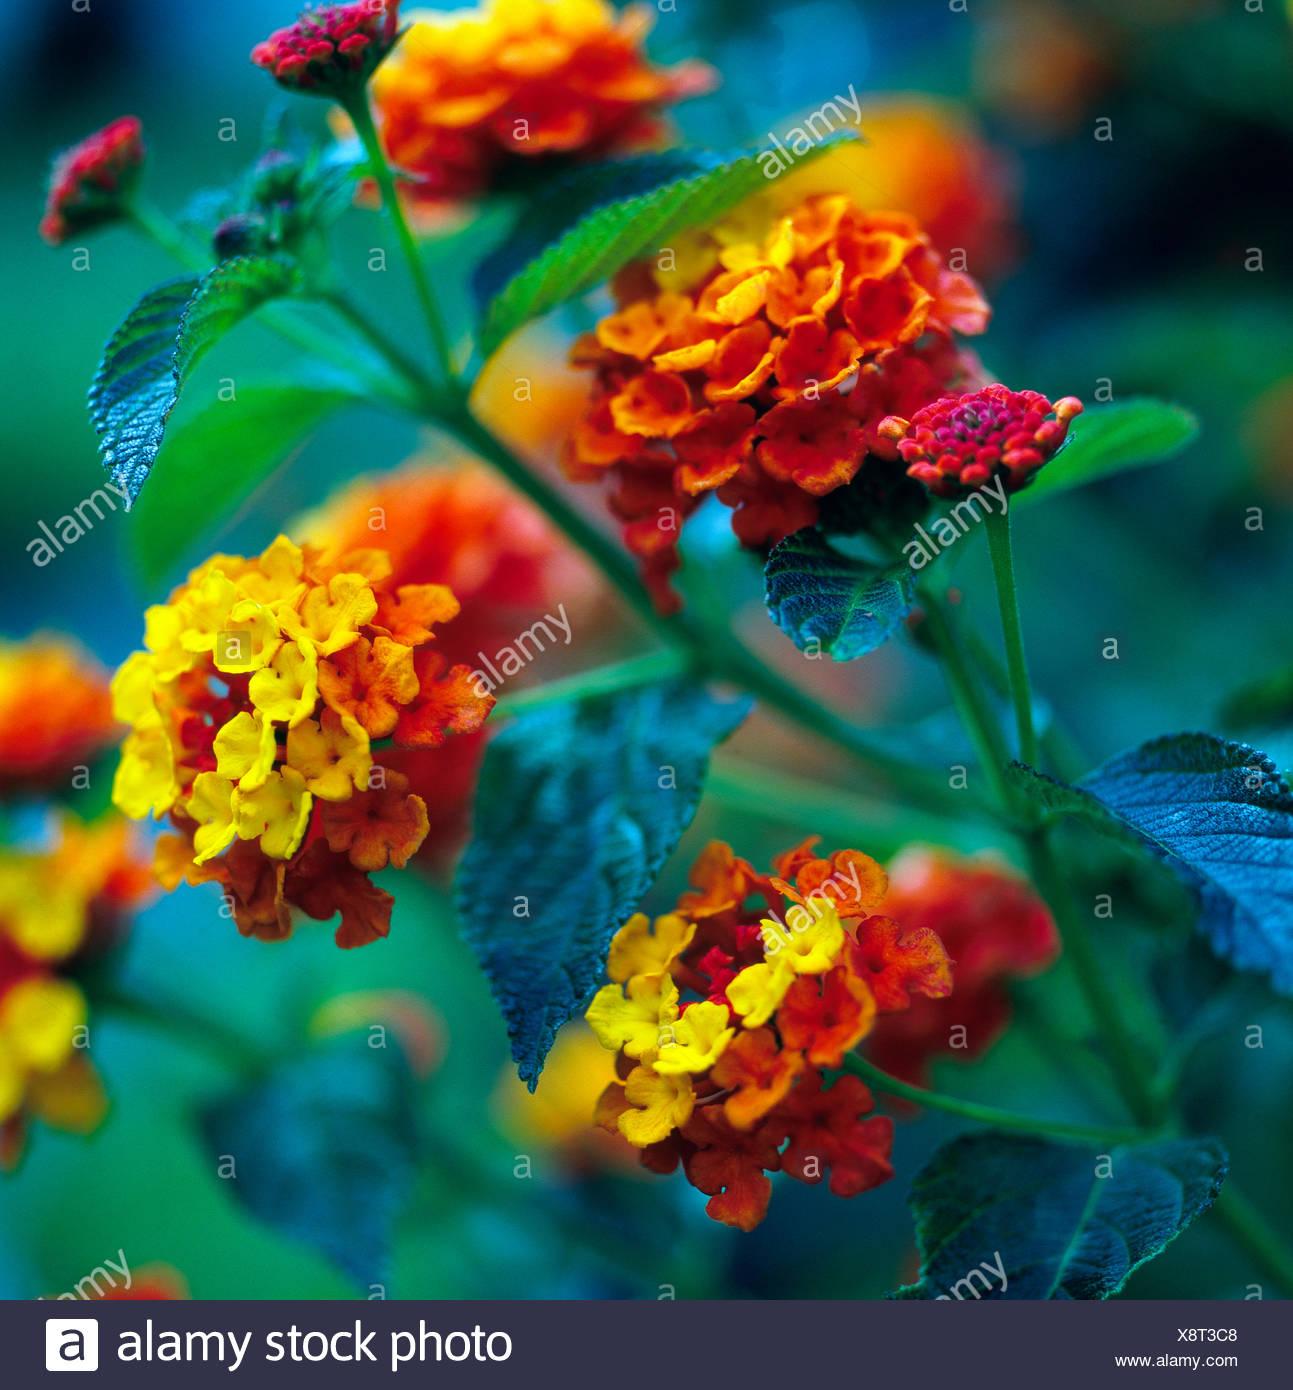 Ordinare Fiori.Rosso Giallo Ad Arancione Fioritura Fiore Di Ordinare La